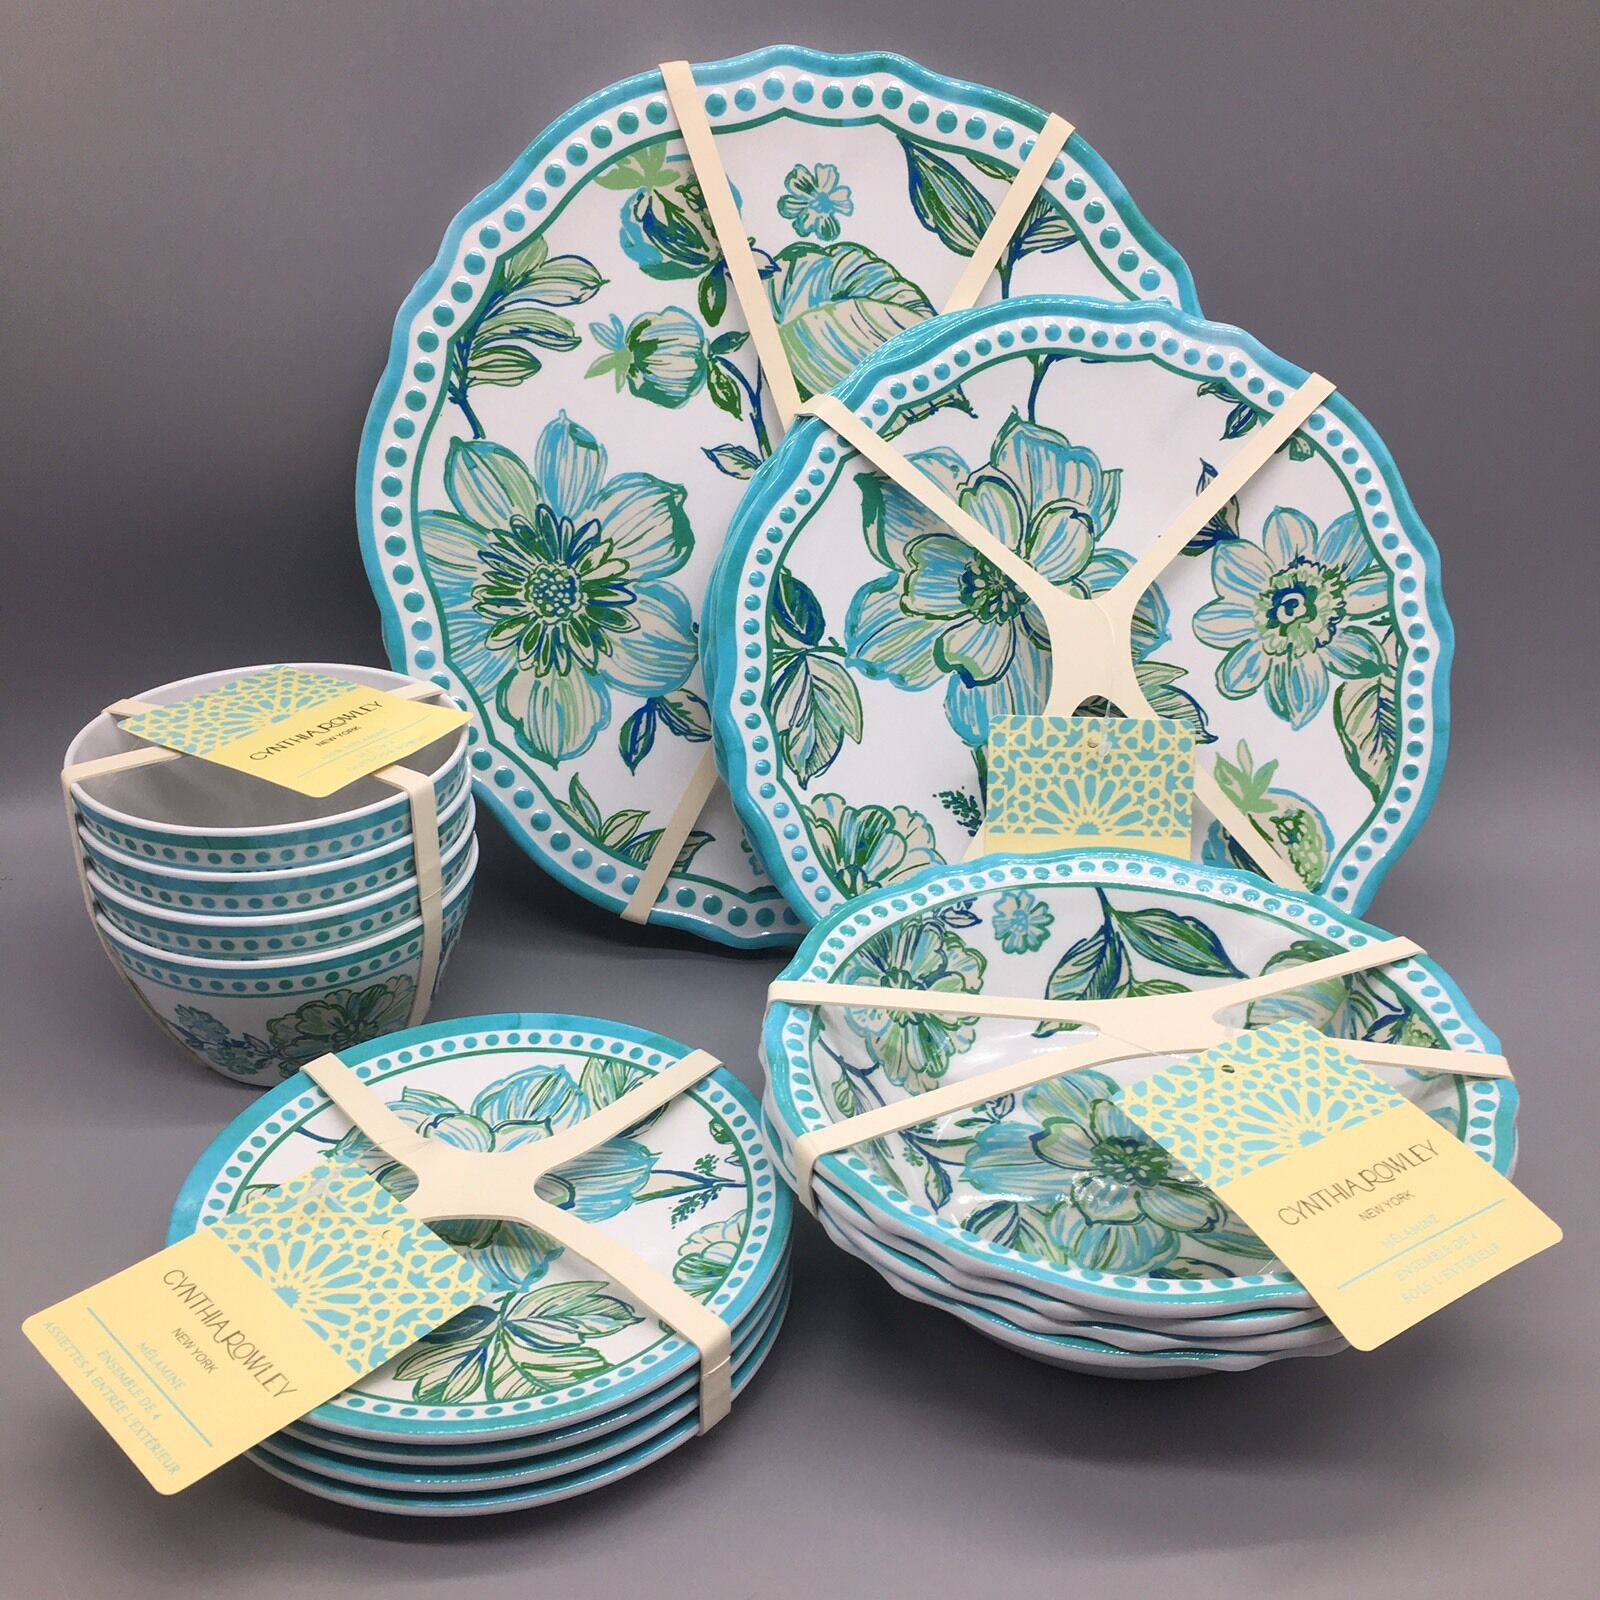 20pc Cynthia Rowley assiettes bols apéritif Set mélamine Outdoor Turquoise Nouveau